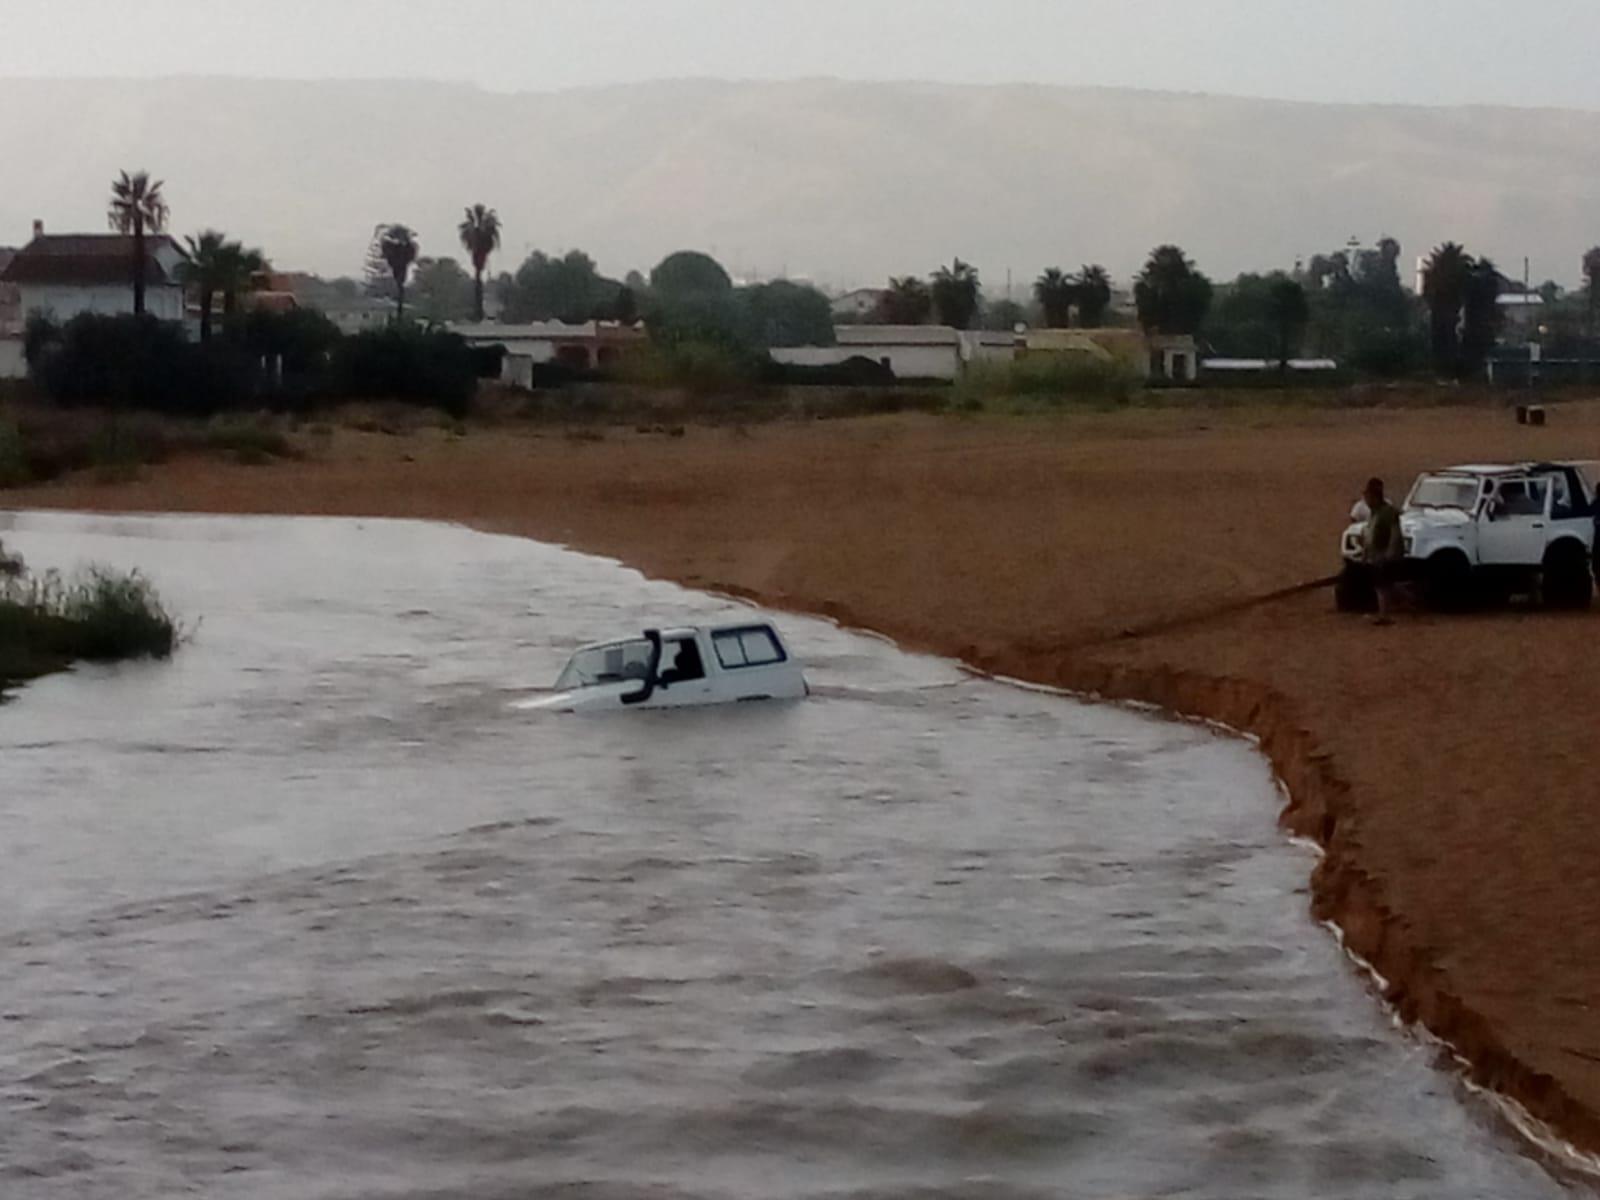 Maltempo, fuoristrada finisce in mare  tra Calabernardo e Avola (GUARDA IL VIDEO)